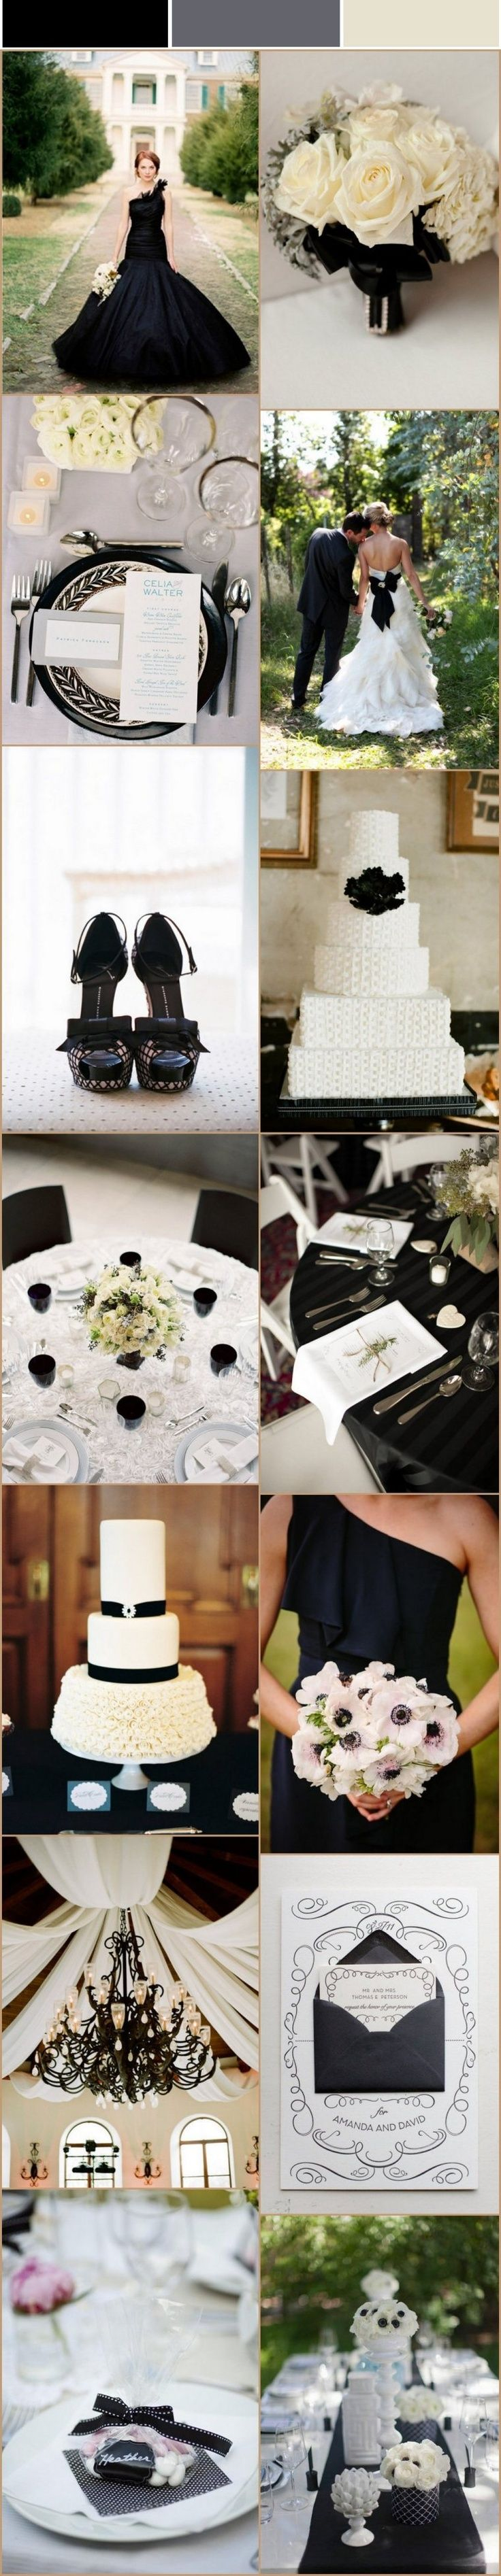 Décoration de mariage noire et blanche…